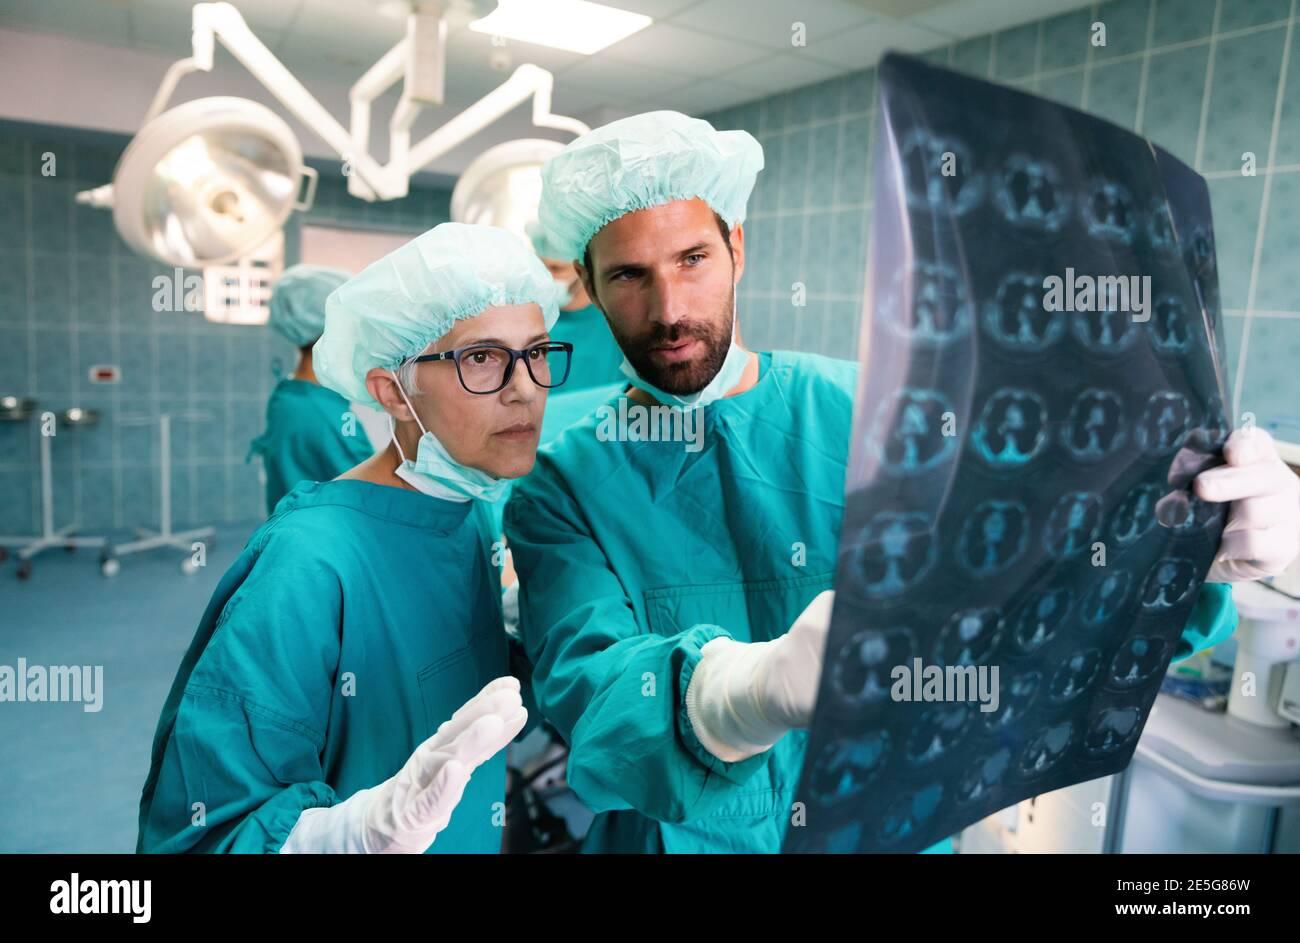 Retrato de profesionales de la salud intelectual con imagen radiográfica de rayos X AT, TC, rm Foto de stock